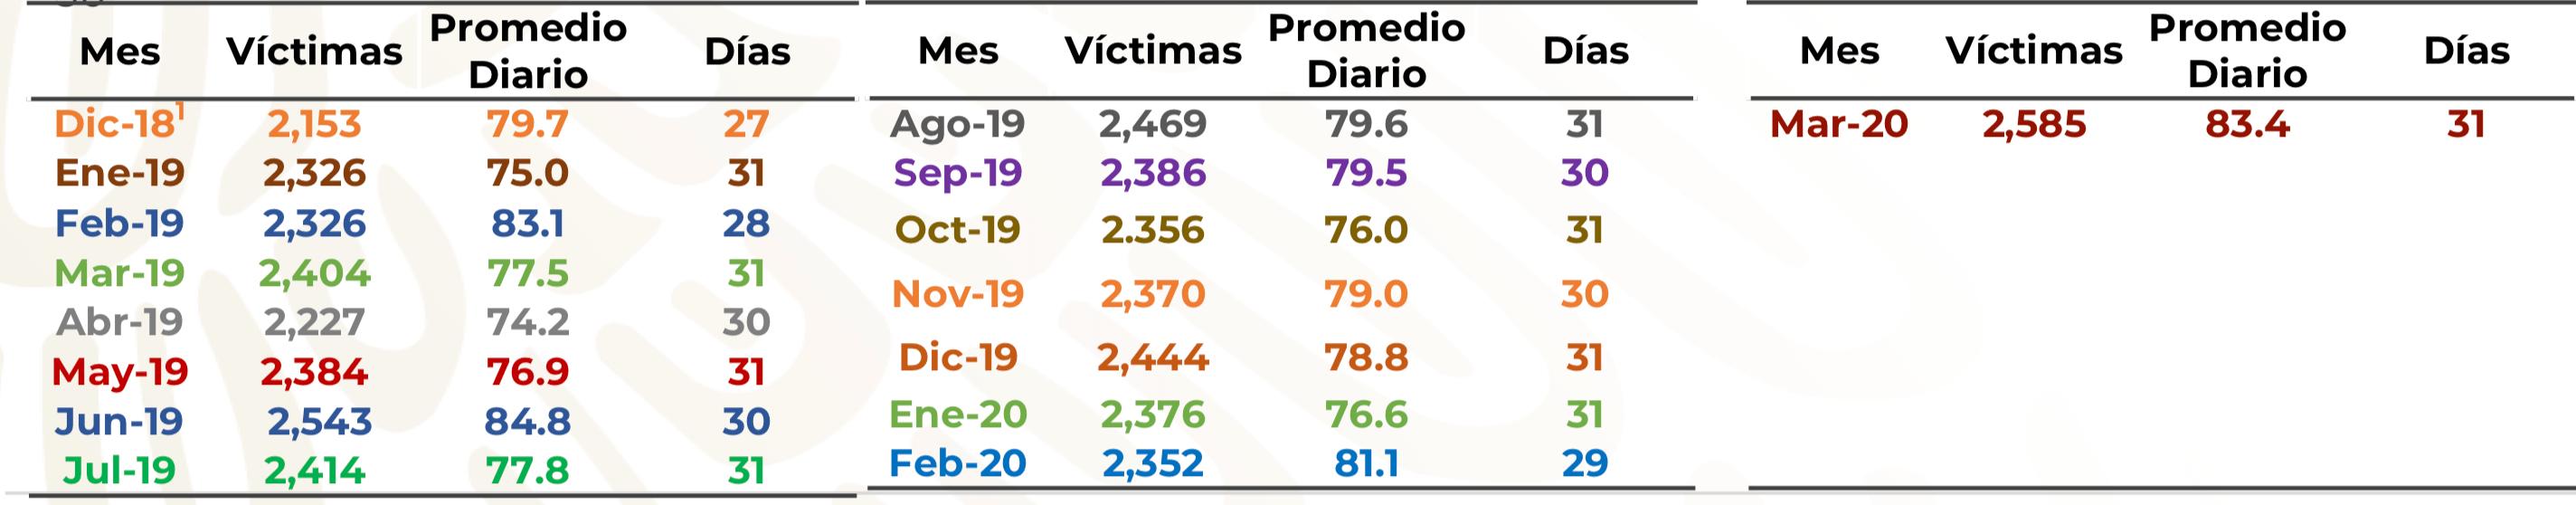 Reporte del Informe Diario, mes con mes desde que se lleva el conteo en diciembre de 2018.